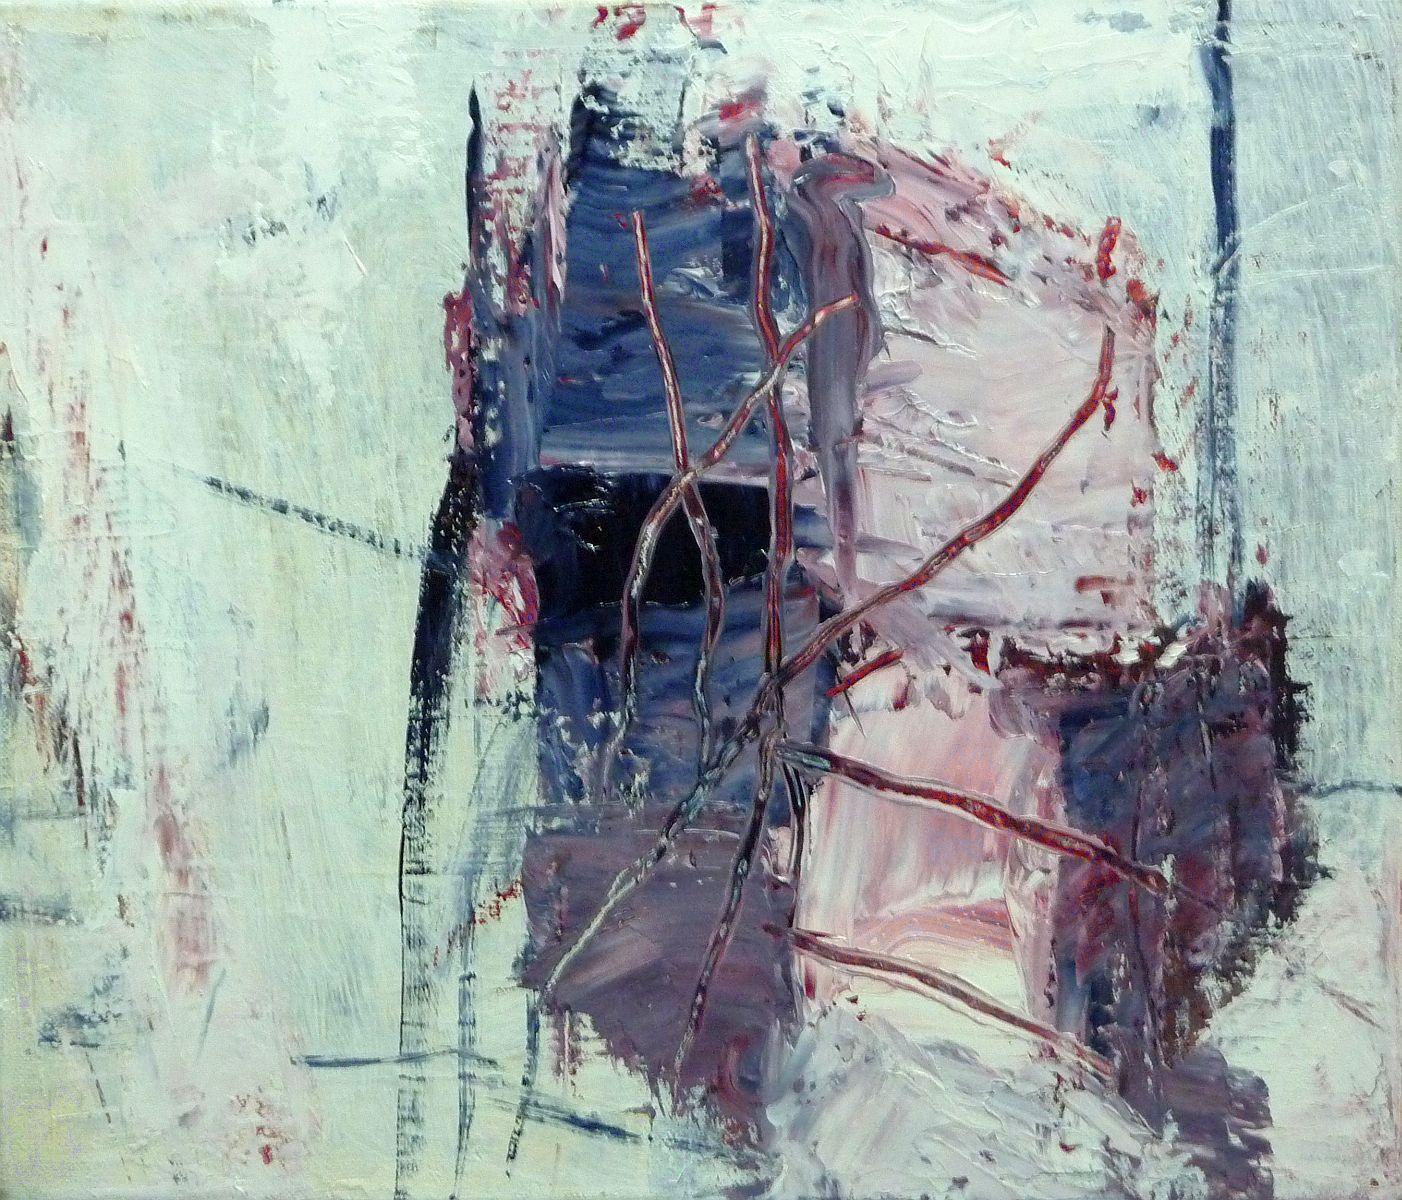 Lyrisch abstract – olieverf op doek – 2010-2012